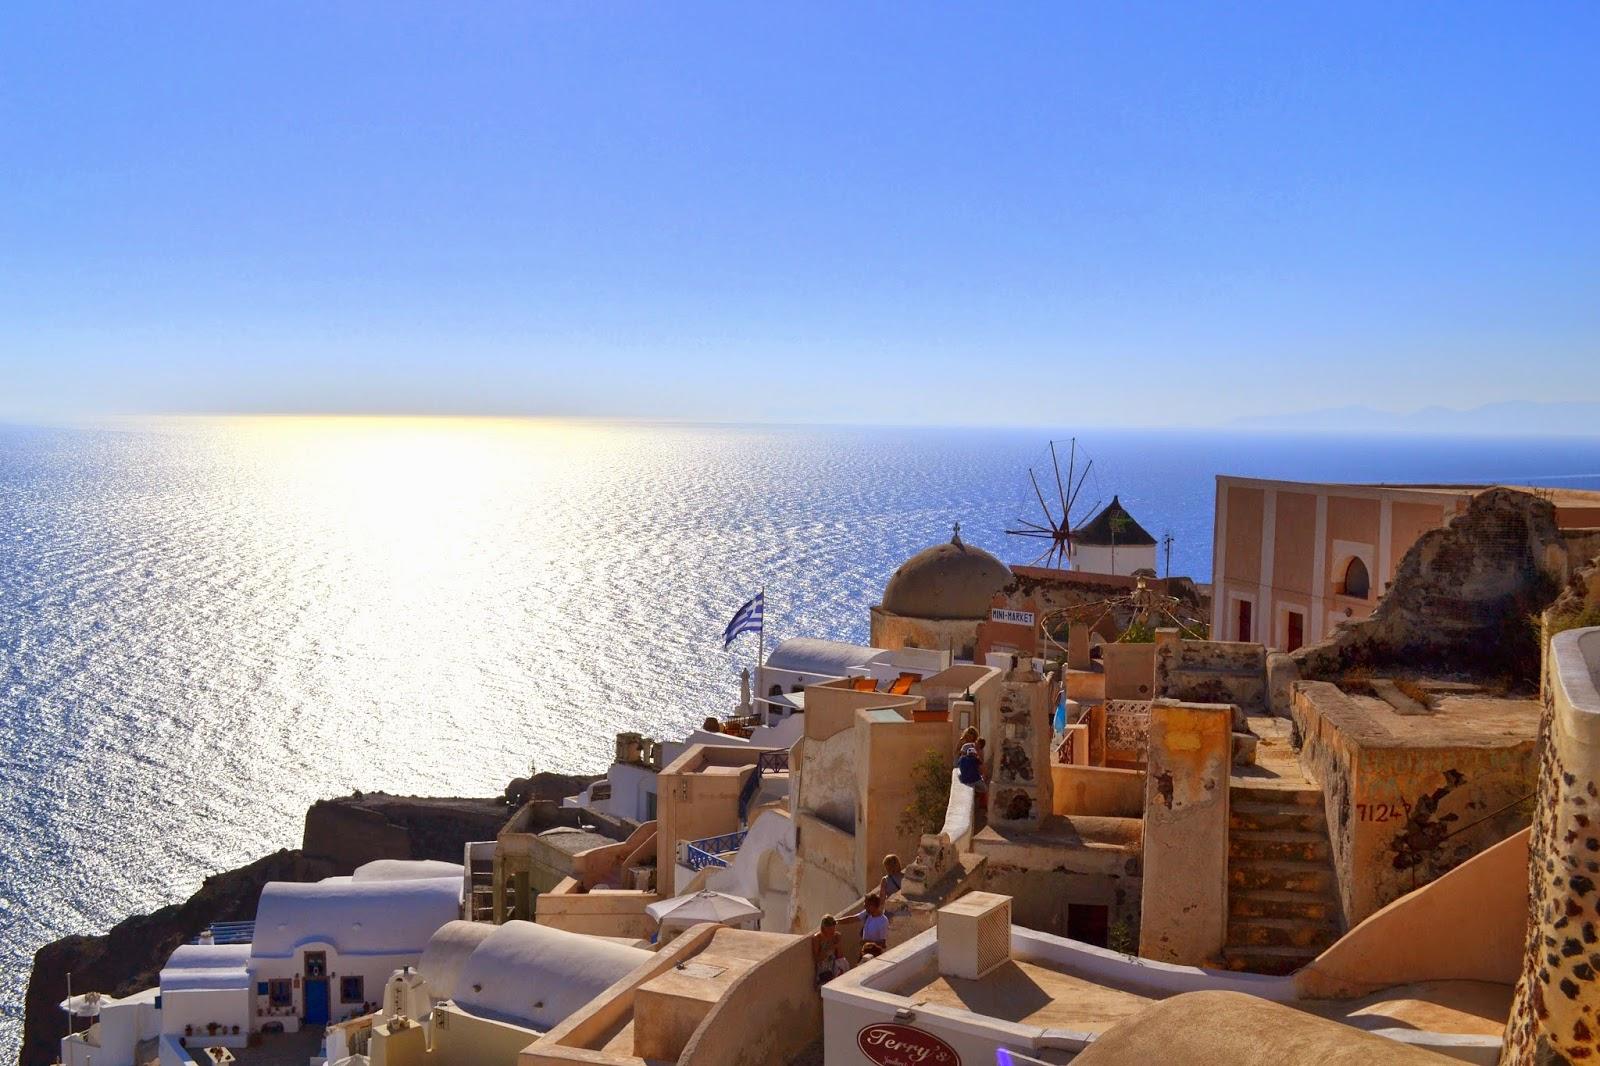 Santorini, Oia, wakacje w Grecji, co warto zwiedzić na Santorinii, niebieskie kościoły na Santorini, Zachód słońca